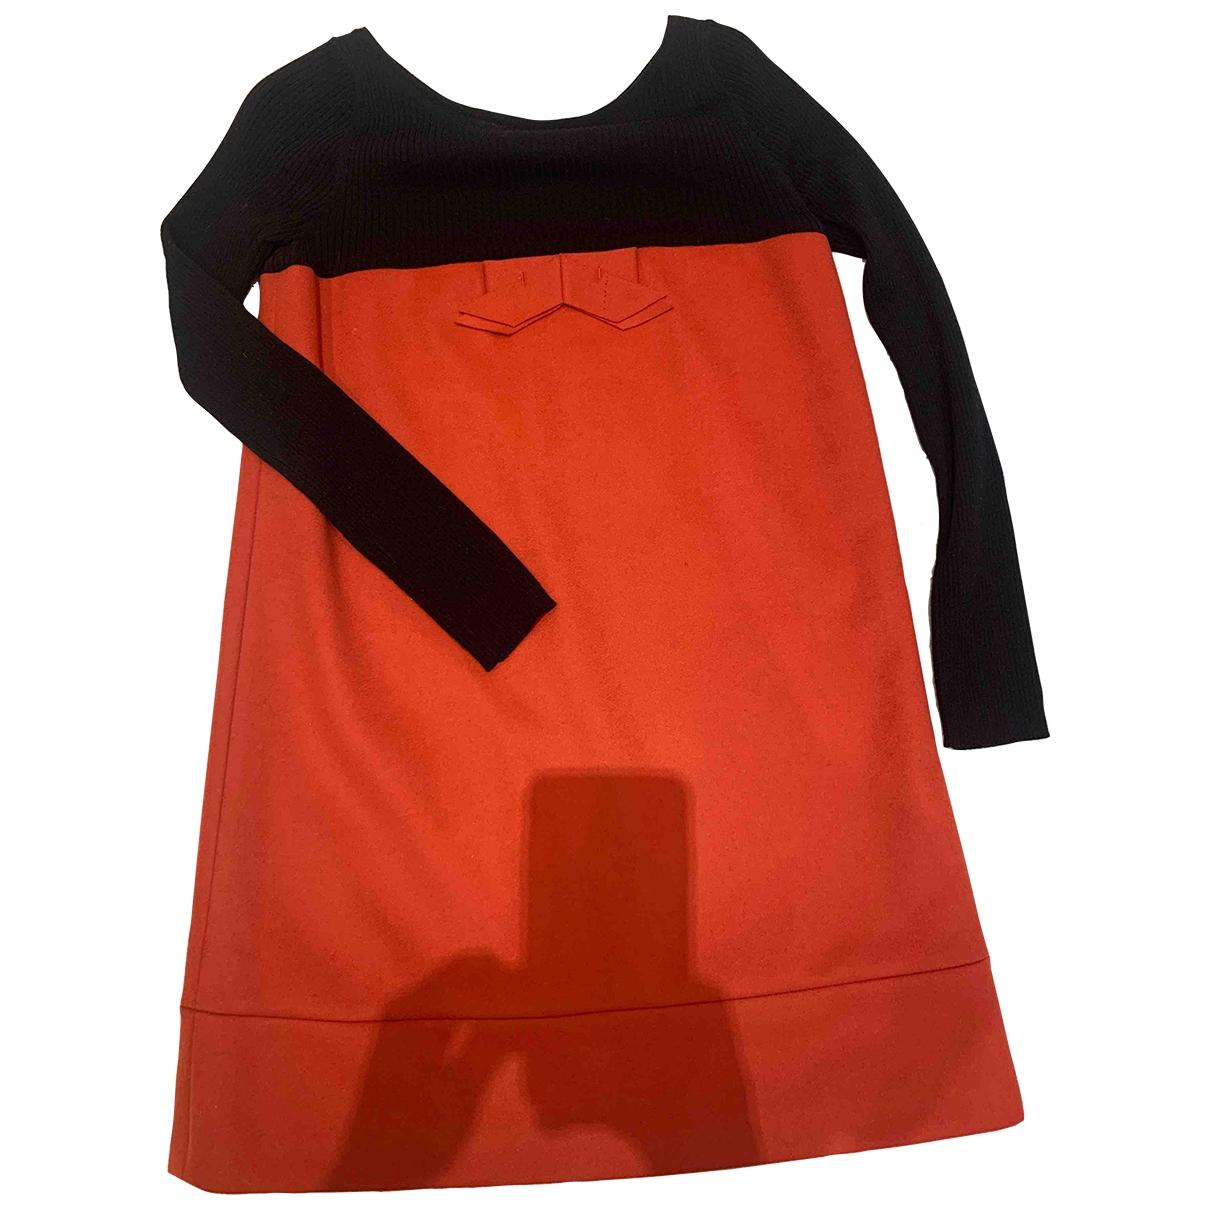 Paule Ka \N Kleid in  Bunt Wolle